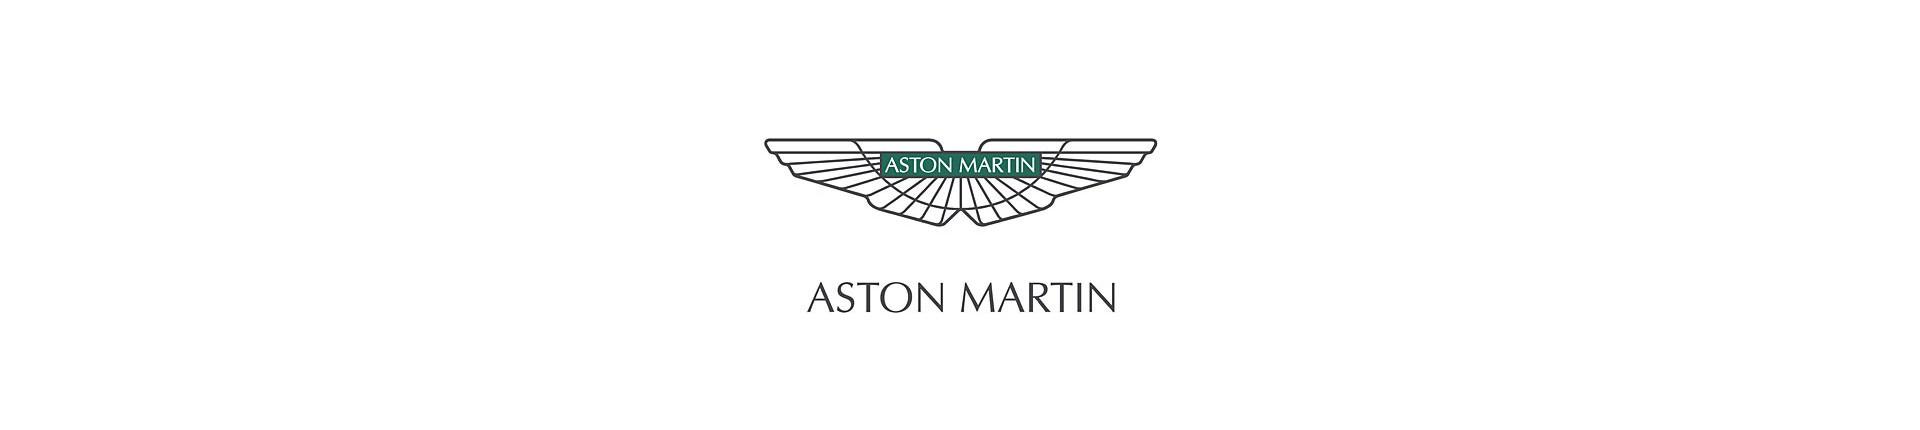 Idees ASTON MARTIN